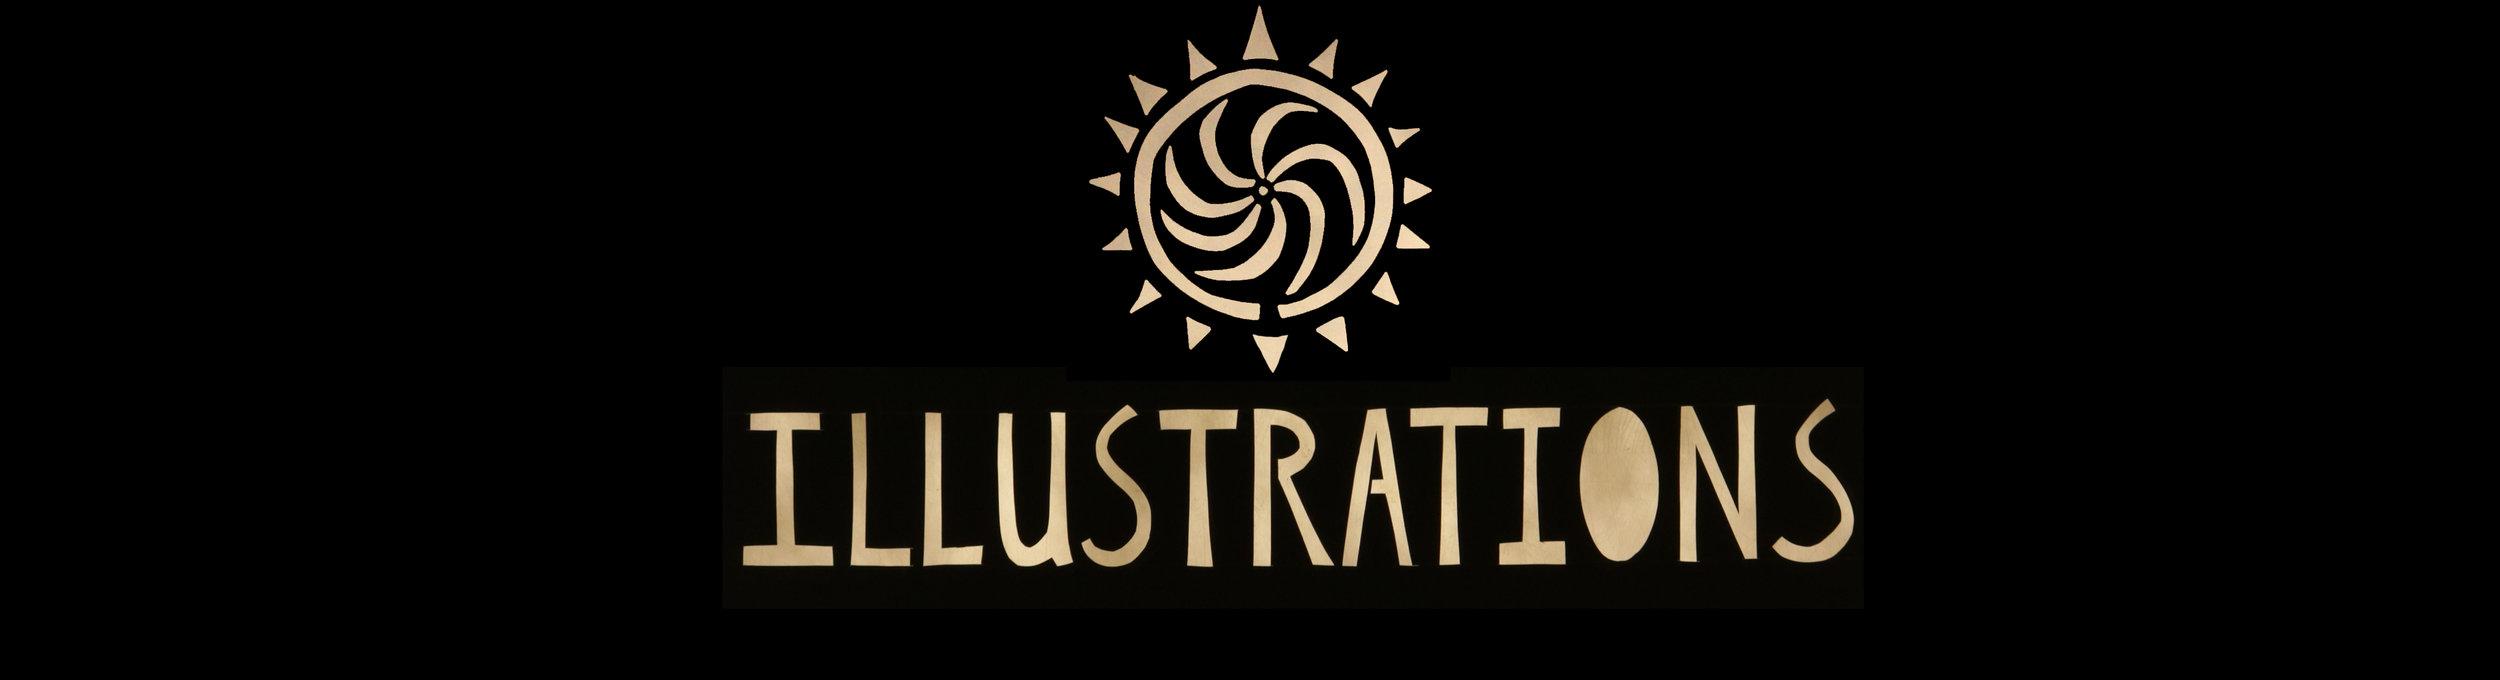 illustrations logo.jpg